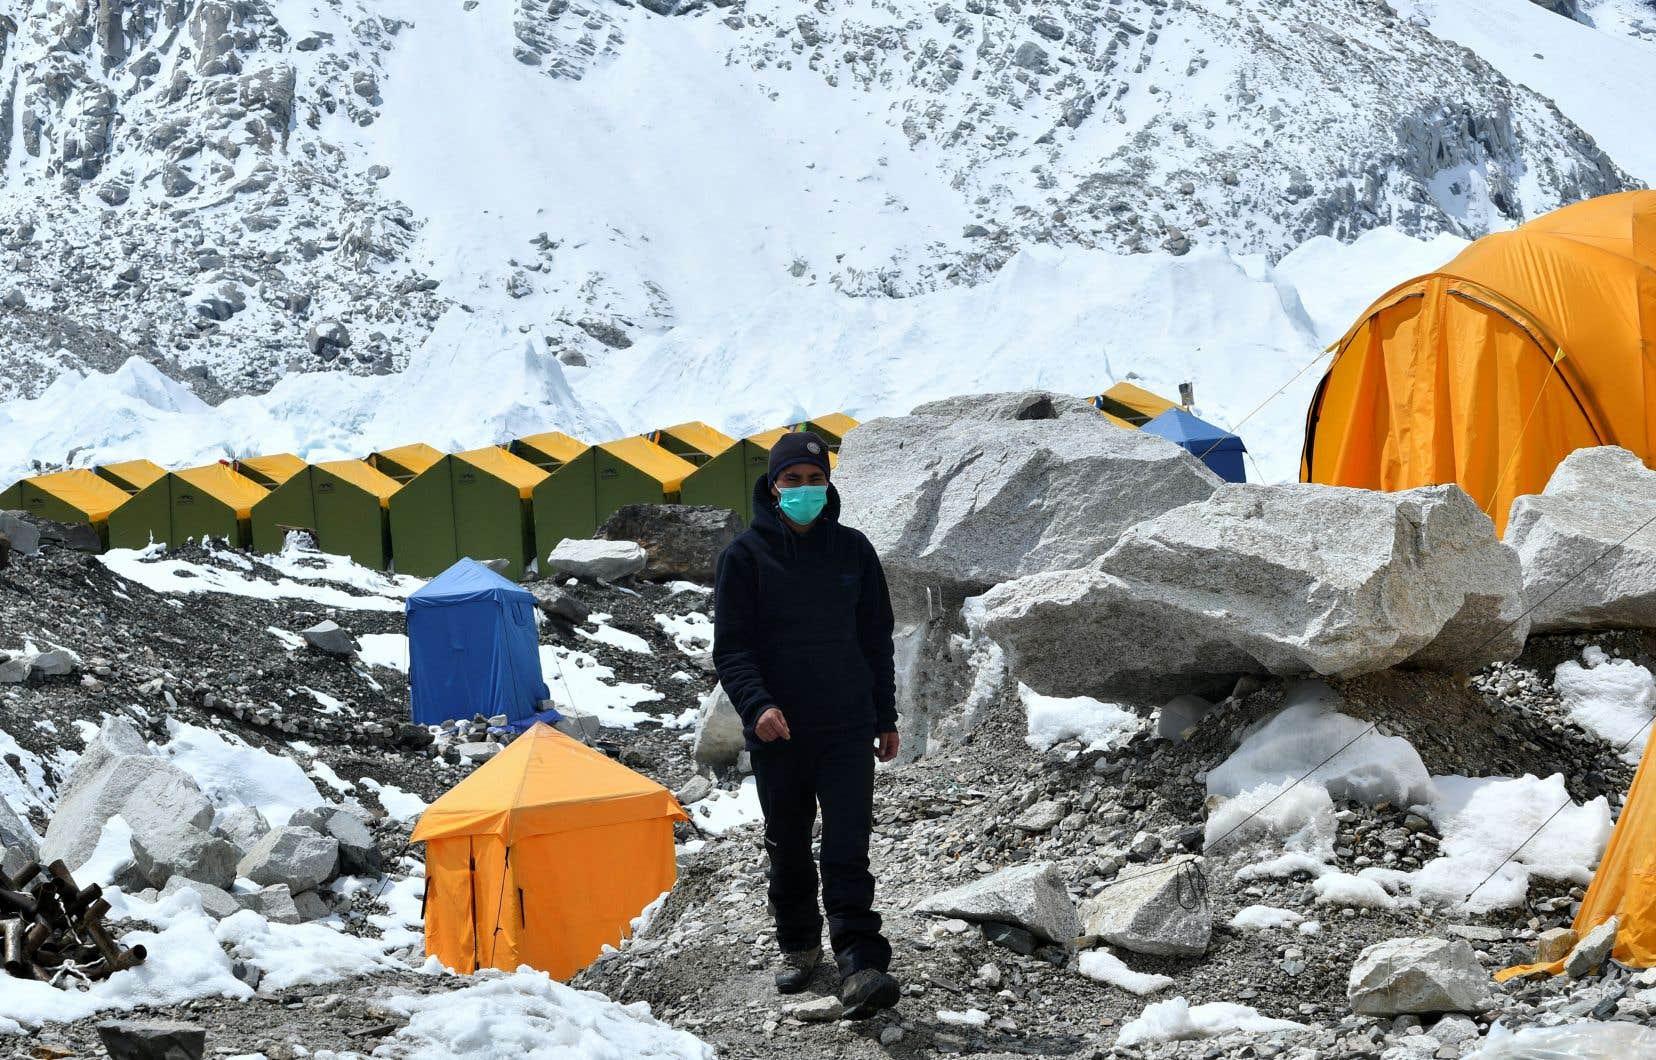 La pandémie a durement frappé le secteur du tourisme dans le pays en 2020 et, cette année, le virus sévit jusque sur l'Everest, où la saison d'alpinisme --qui s'annonçait bien avec un record de plus de 400 permis d'ascension délivrés moyennant 11000dollars pièce-- est menacée.